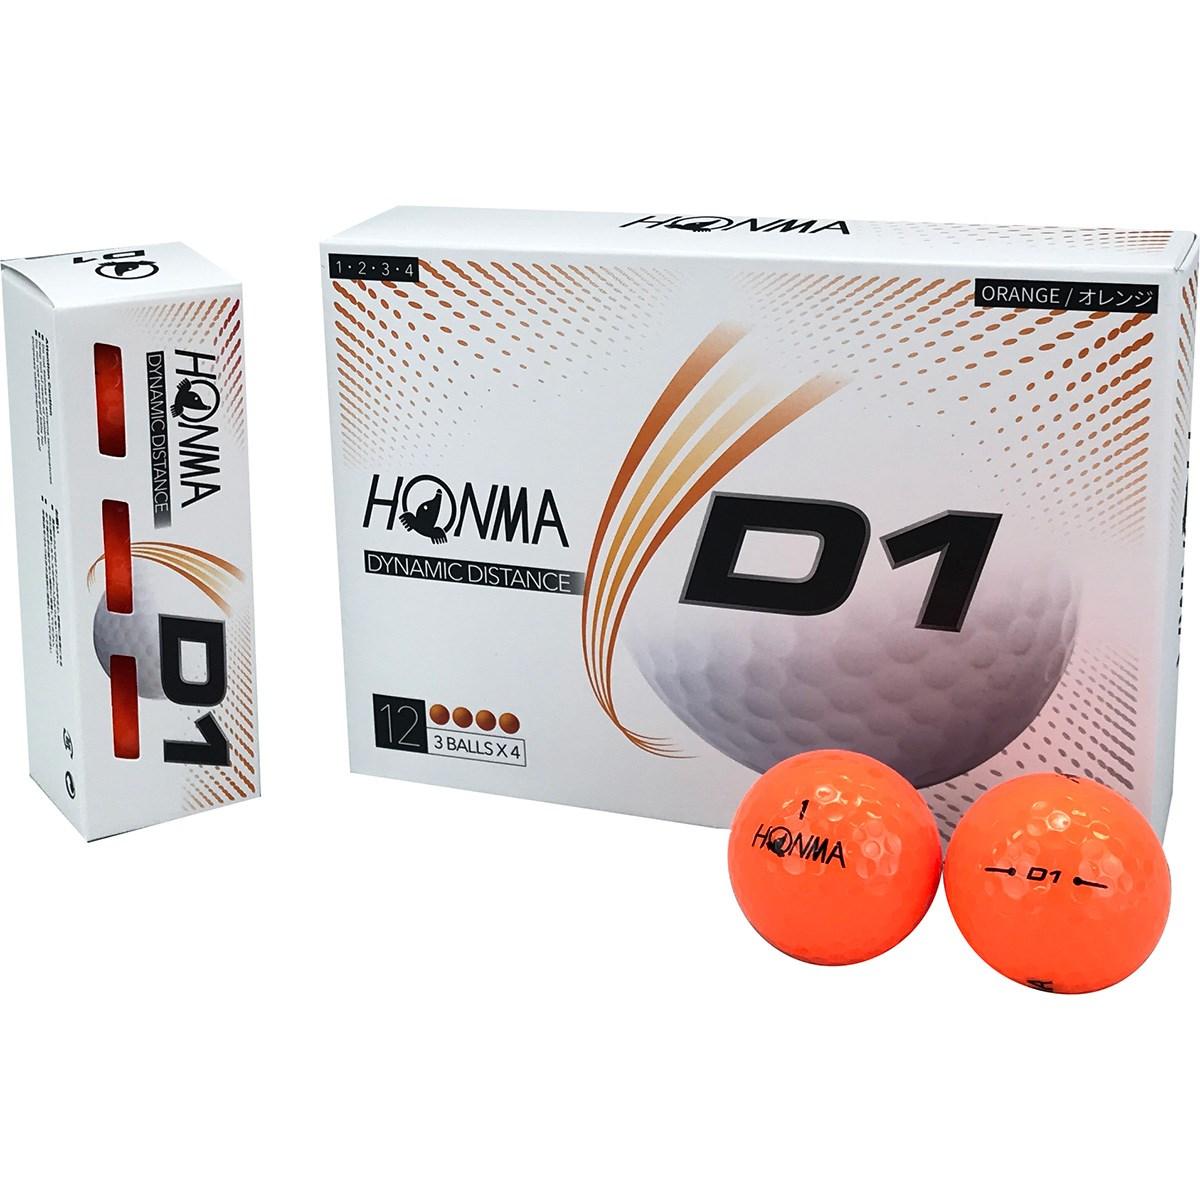 本間ゴルフ HONMA D1 ボール 2020年モデル 1ダース(12個入り) オレンジ